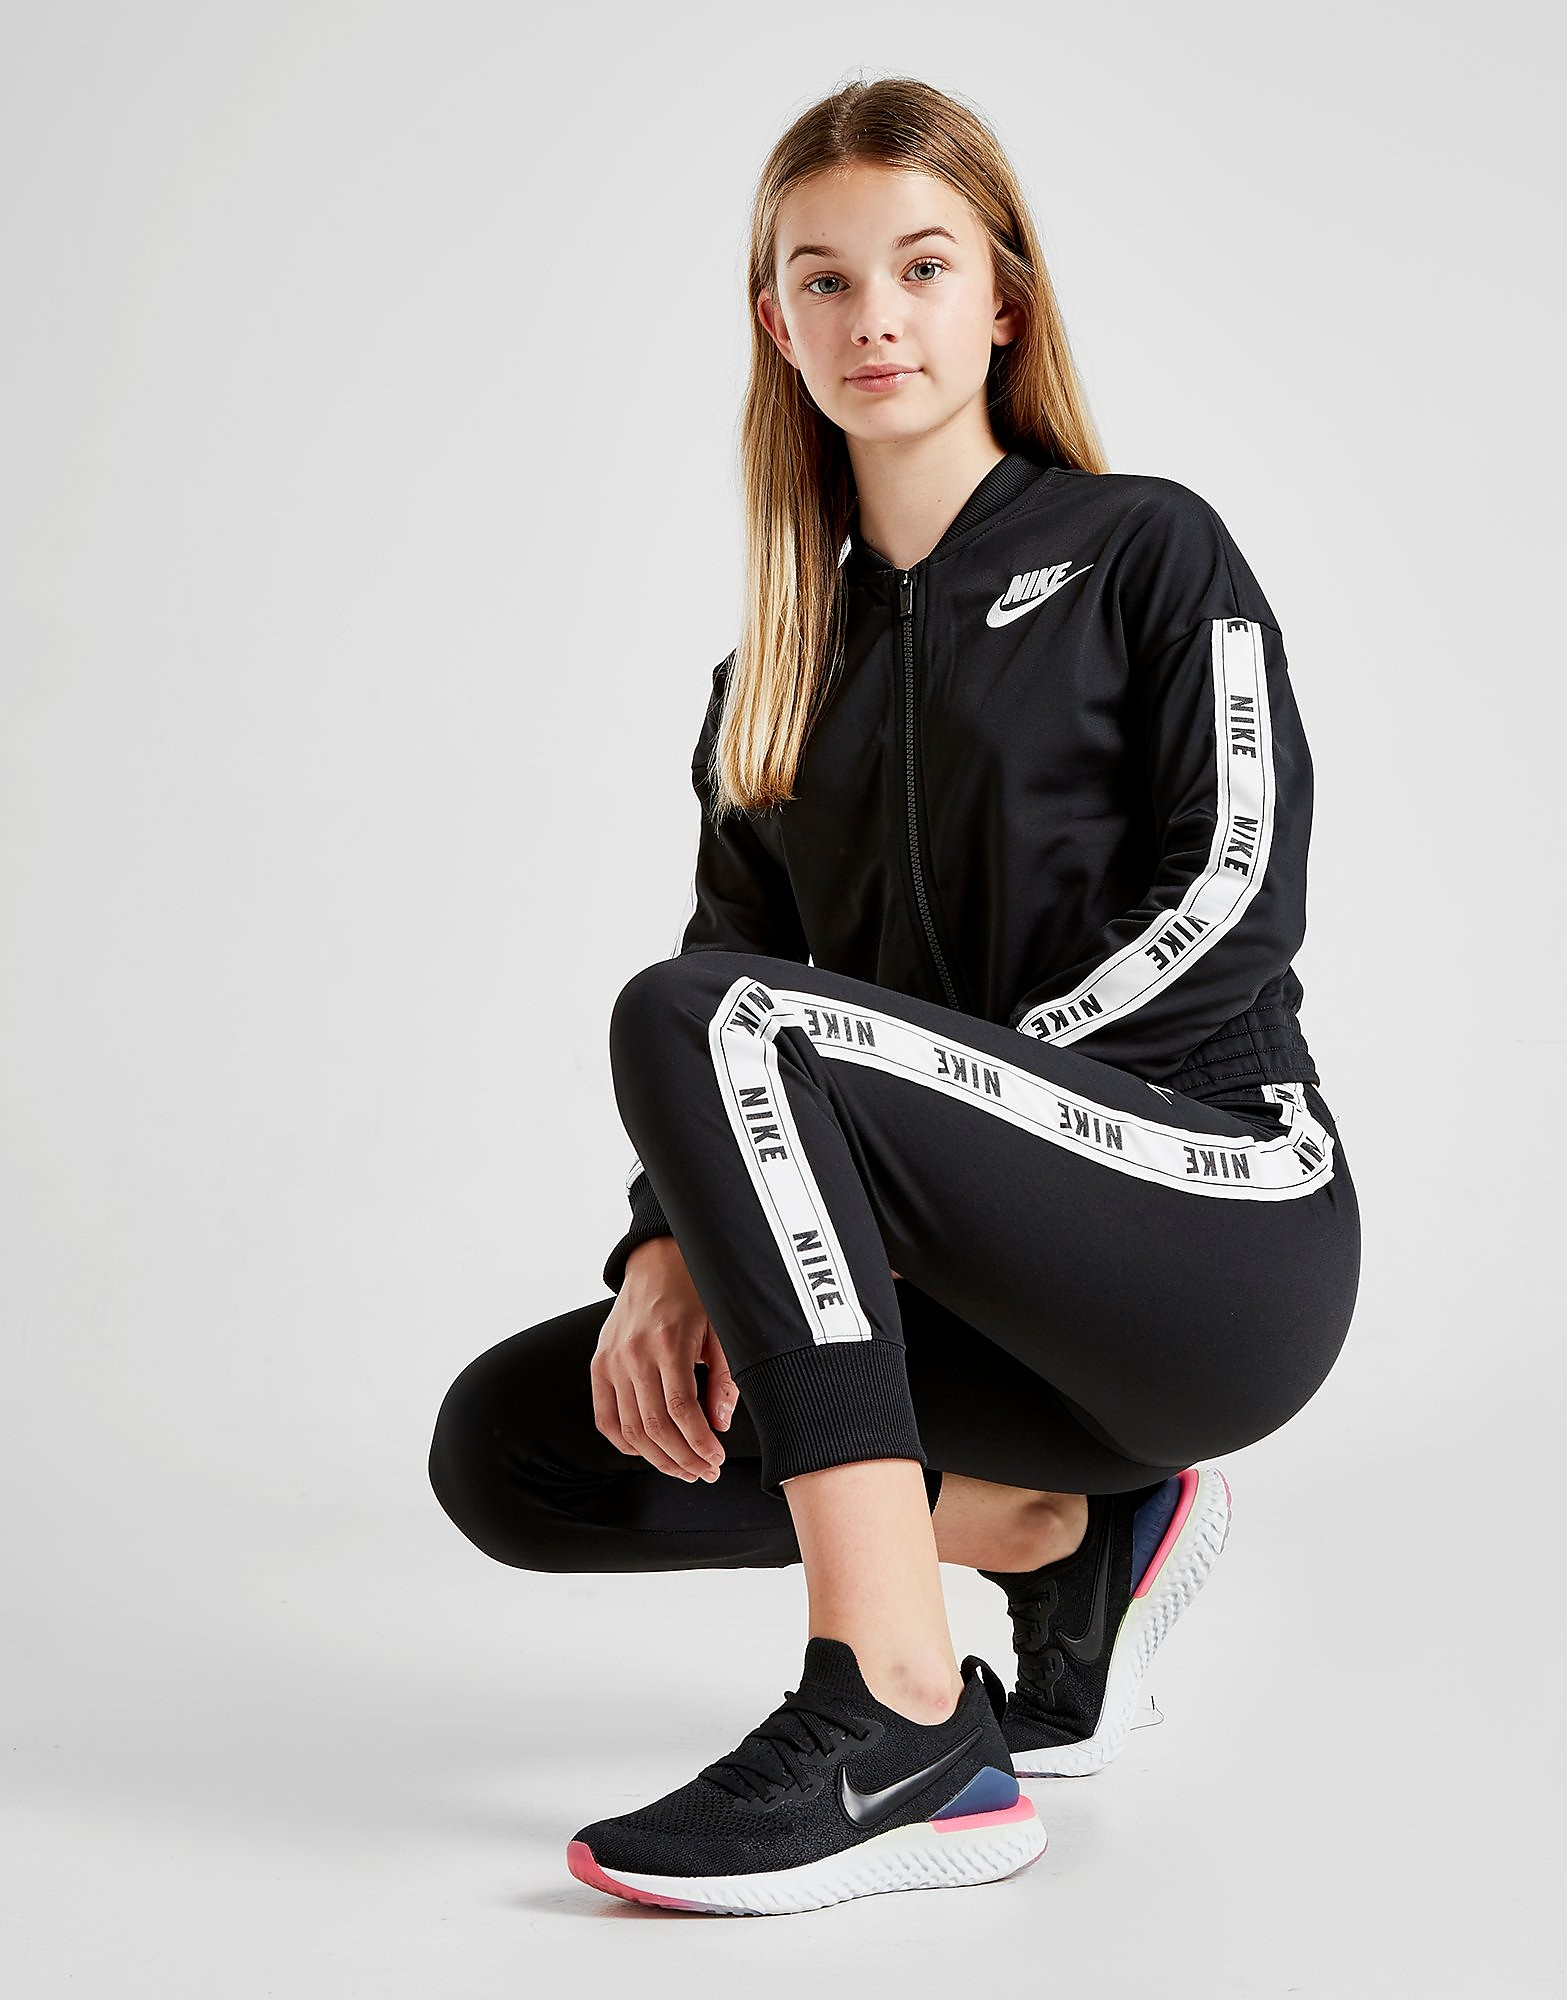 Nike Ensemble de Survêtement Fille Tricot Junior - Noir, Noir